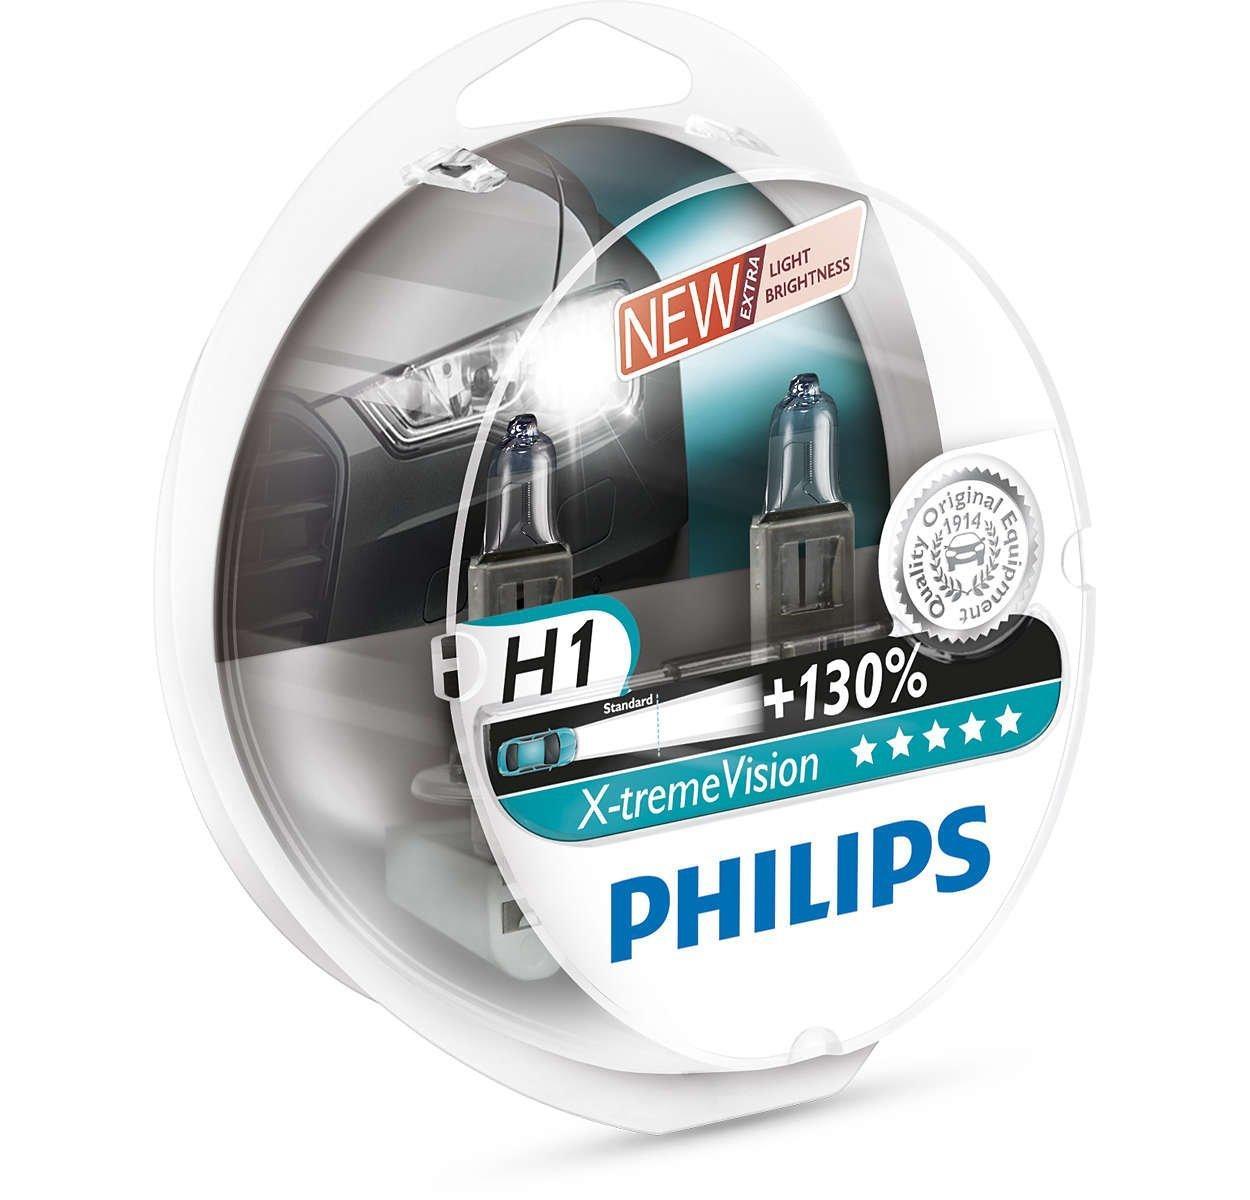 Усиленные галогенные лампы PHILIPS H1 +130 РН X-TREME VISION BOX